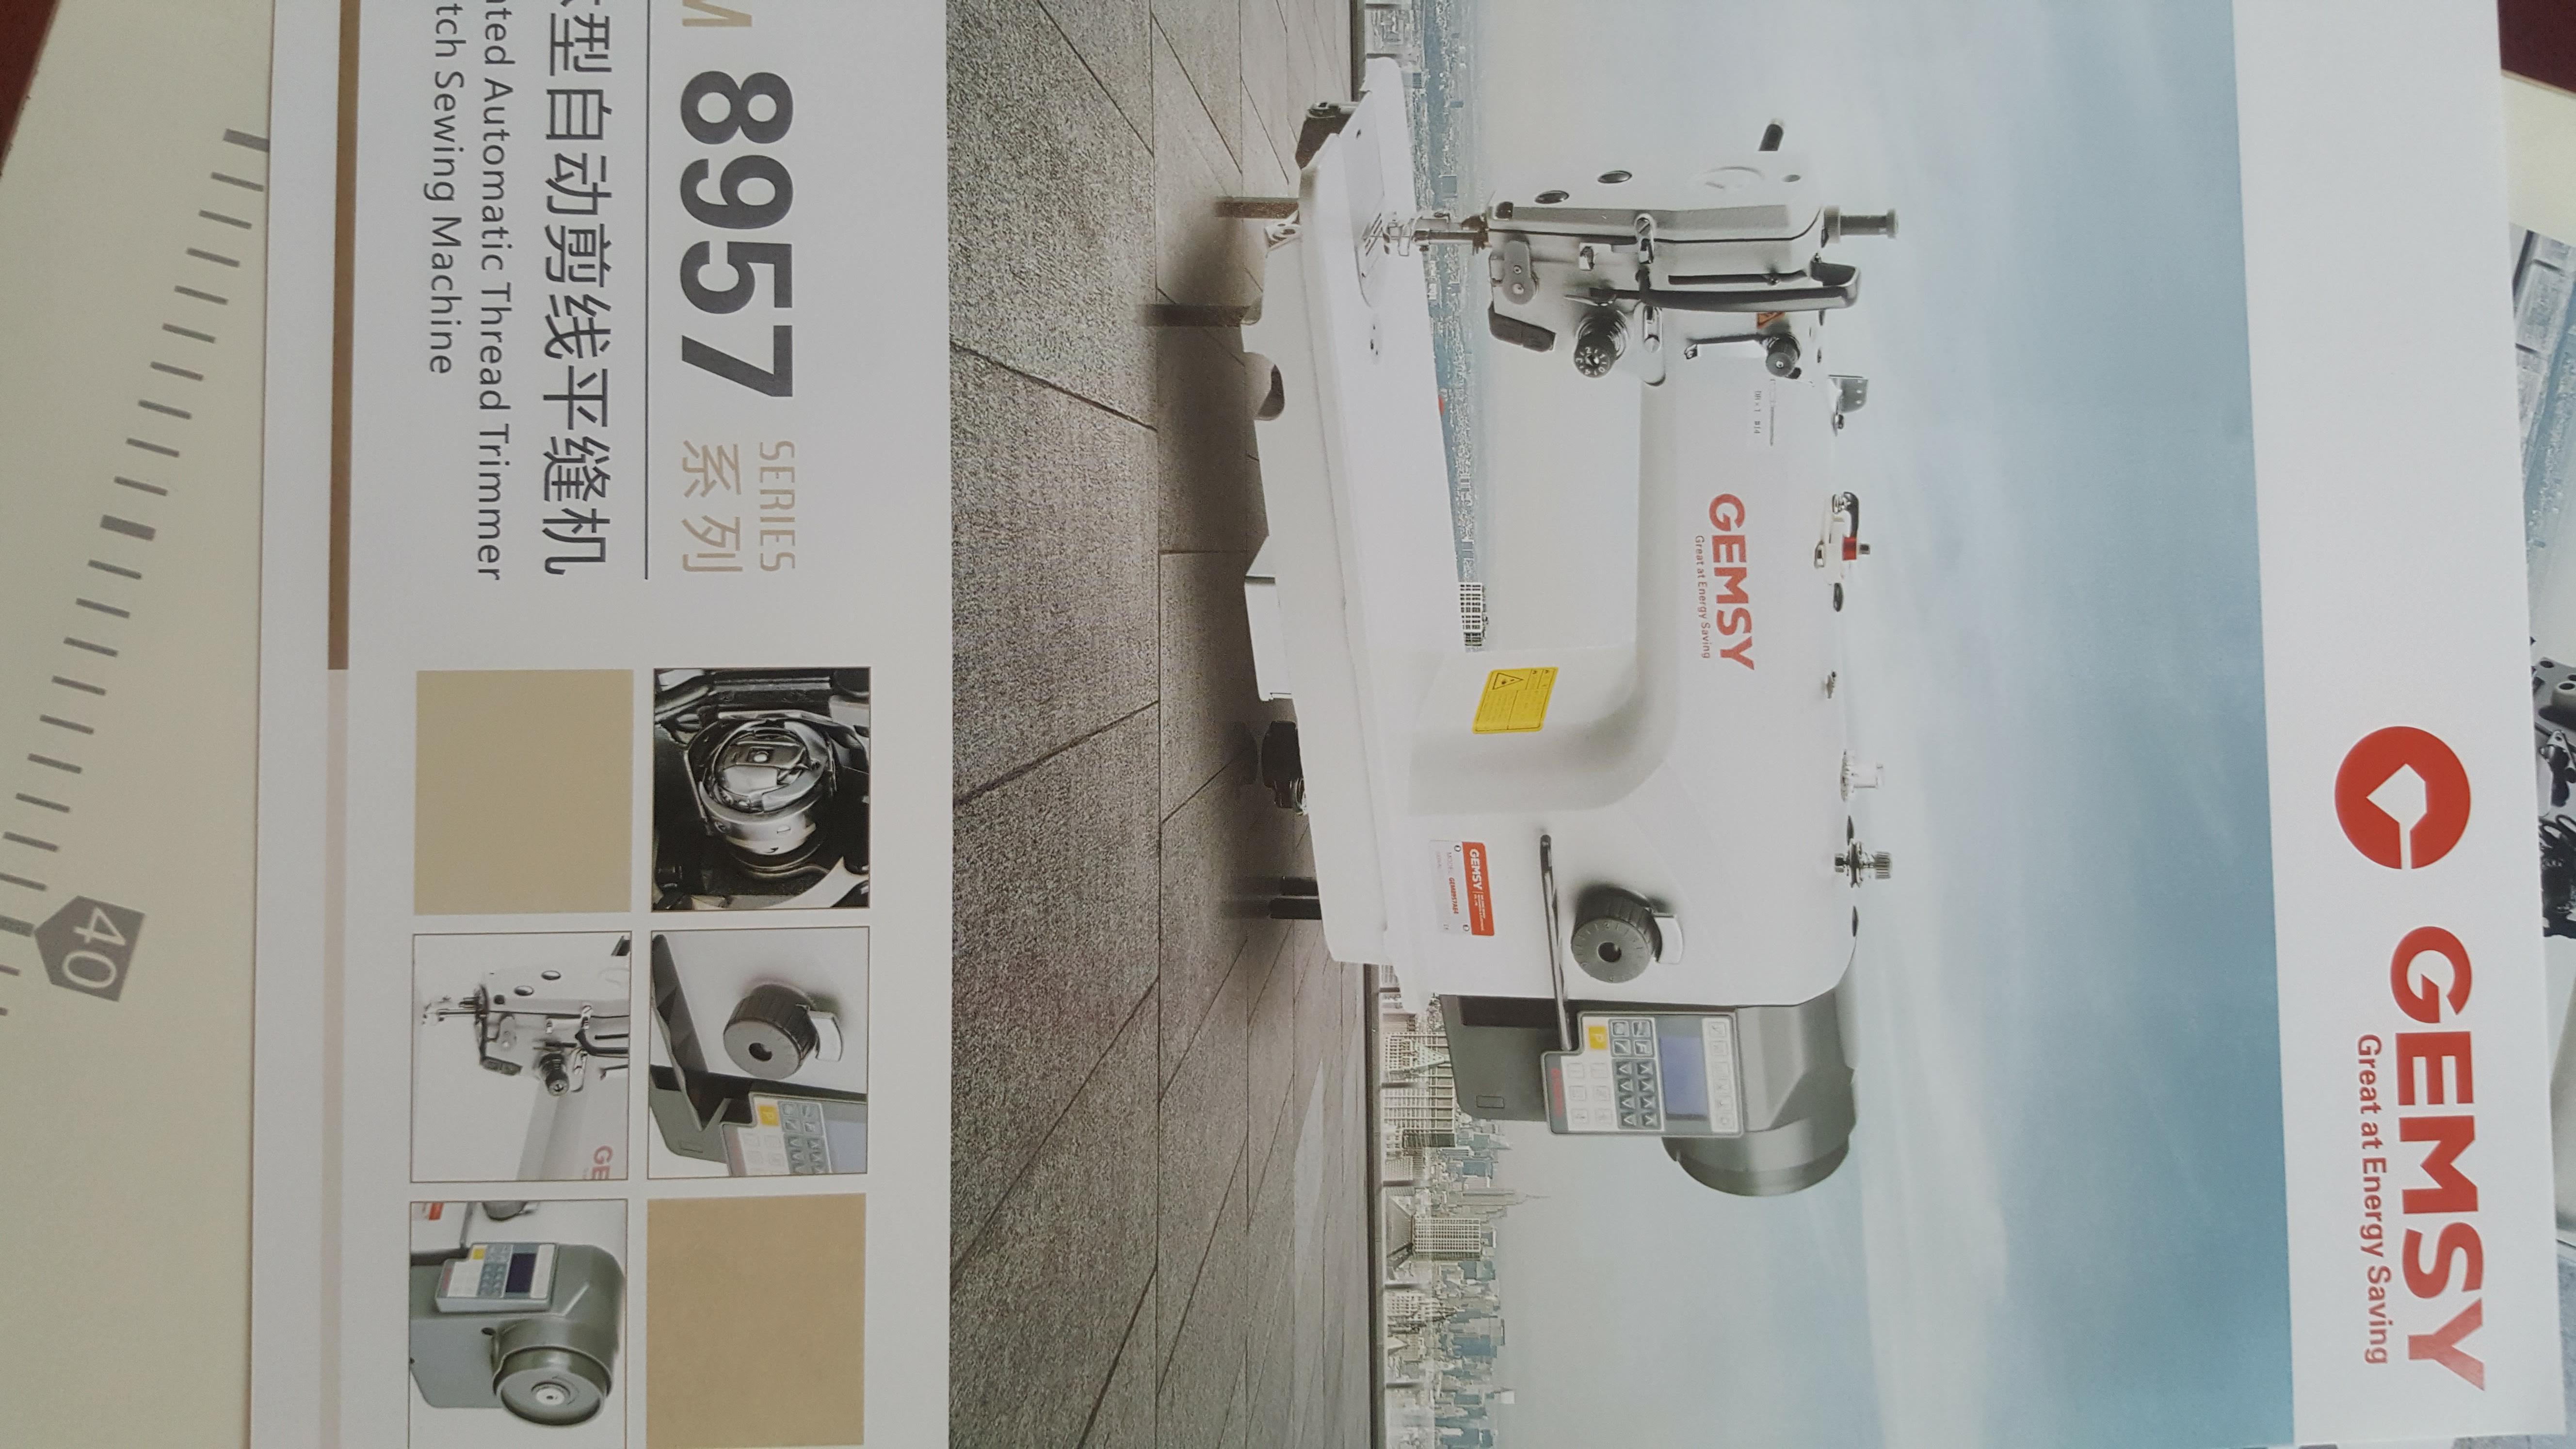 1 Máy may 1 kim GEMSY GEM8957CE4 phân phối bởi Cty Hoàng Khang